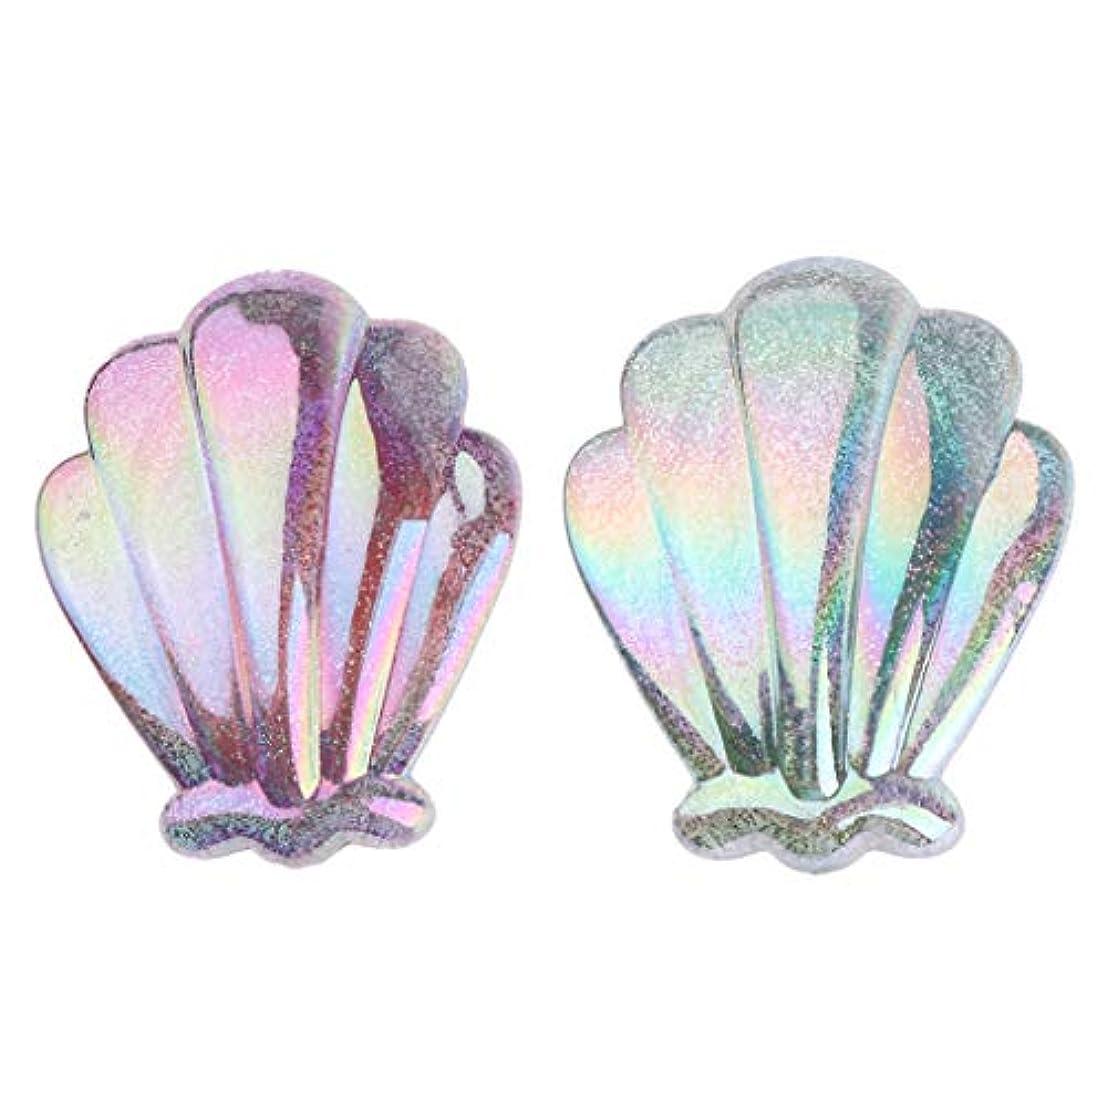 漂流単調な挨拶するヘアコーム プラスチック製 櫛 女性用 ヘアブラシ コーム 櫛